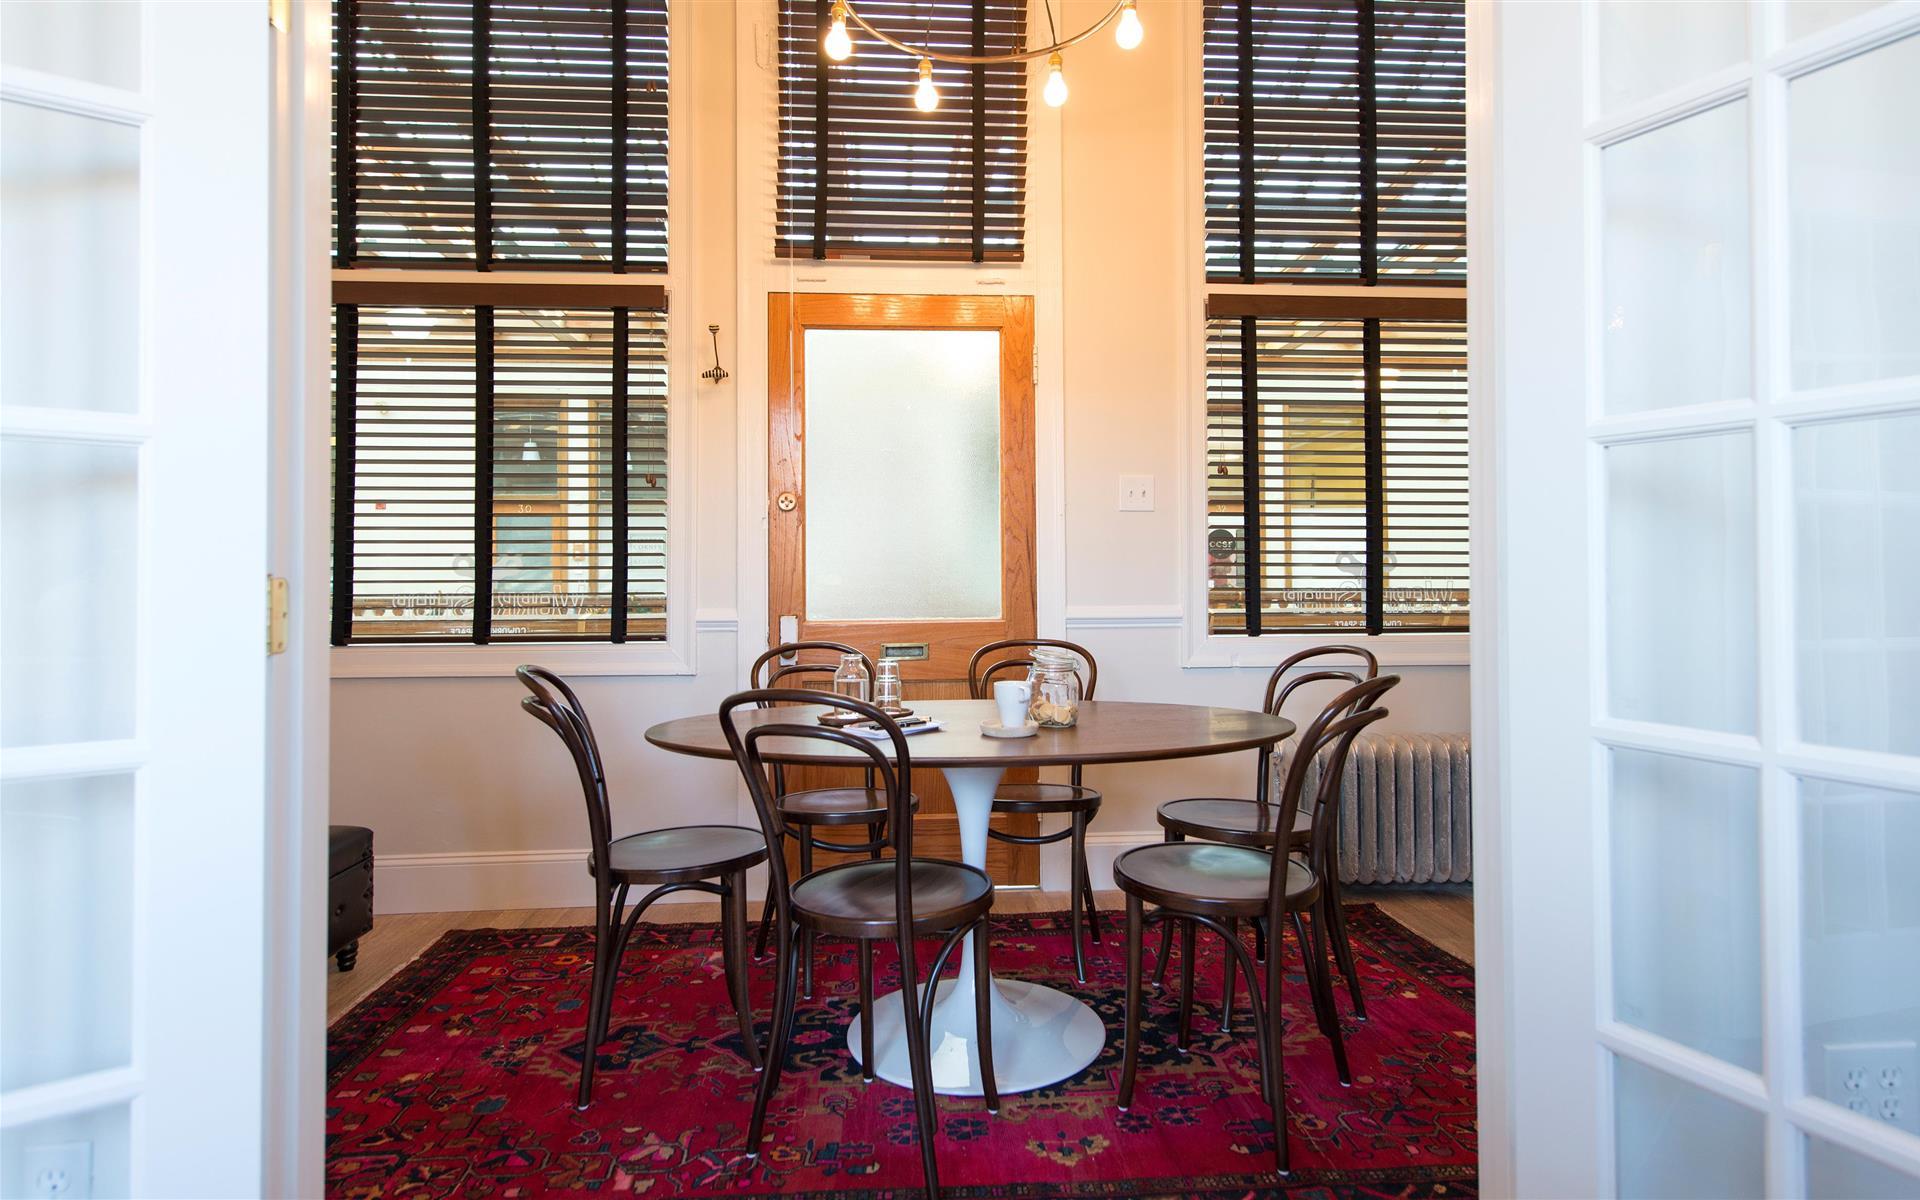 WorkShop Brookline - WorkShop Brookline Meeting Room